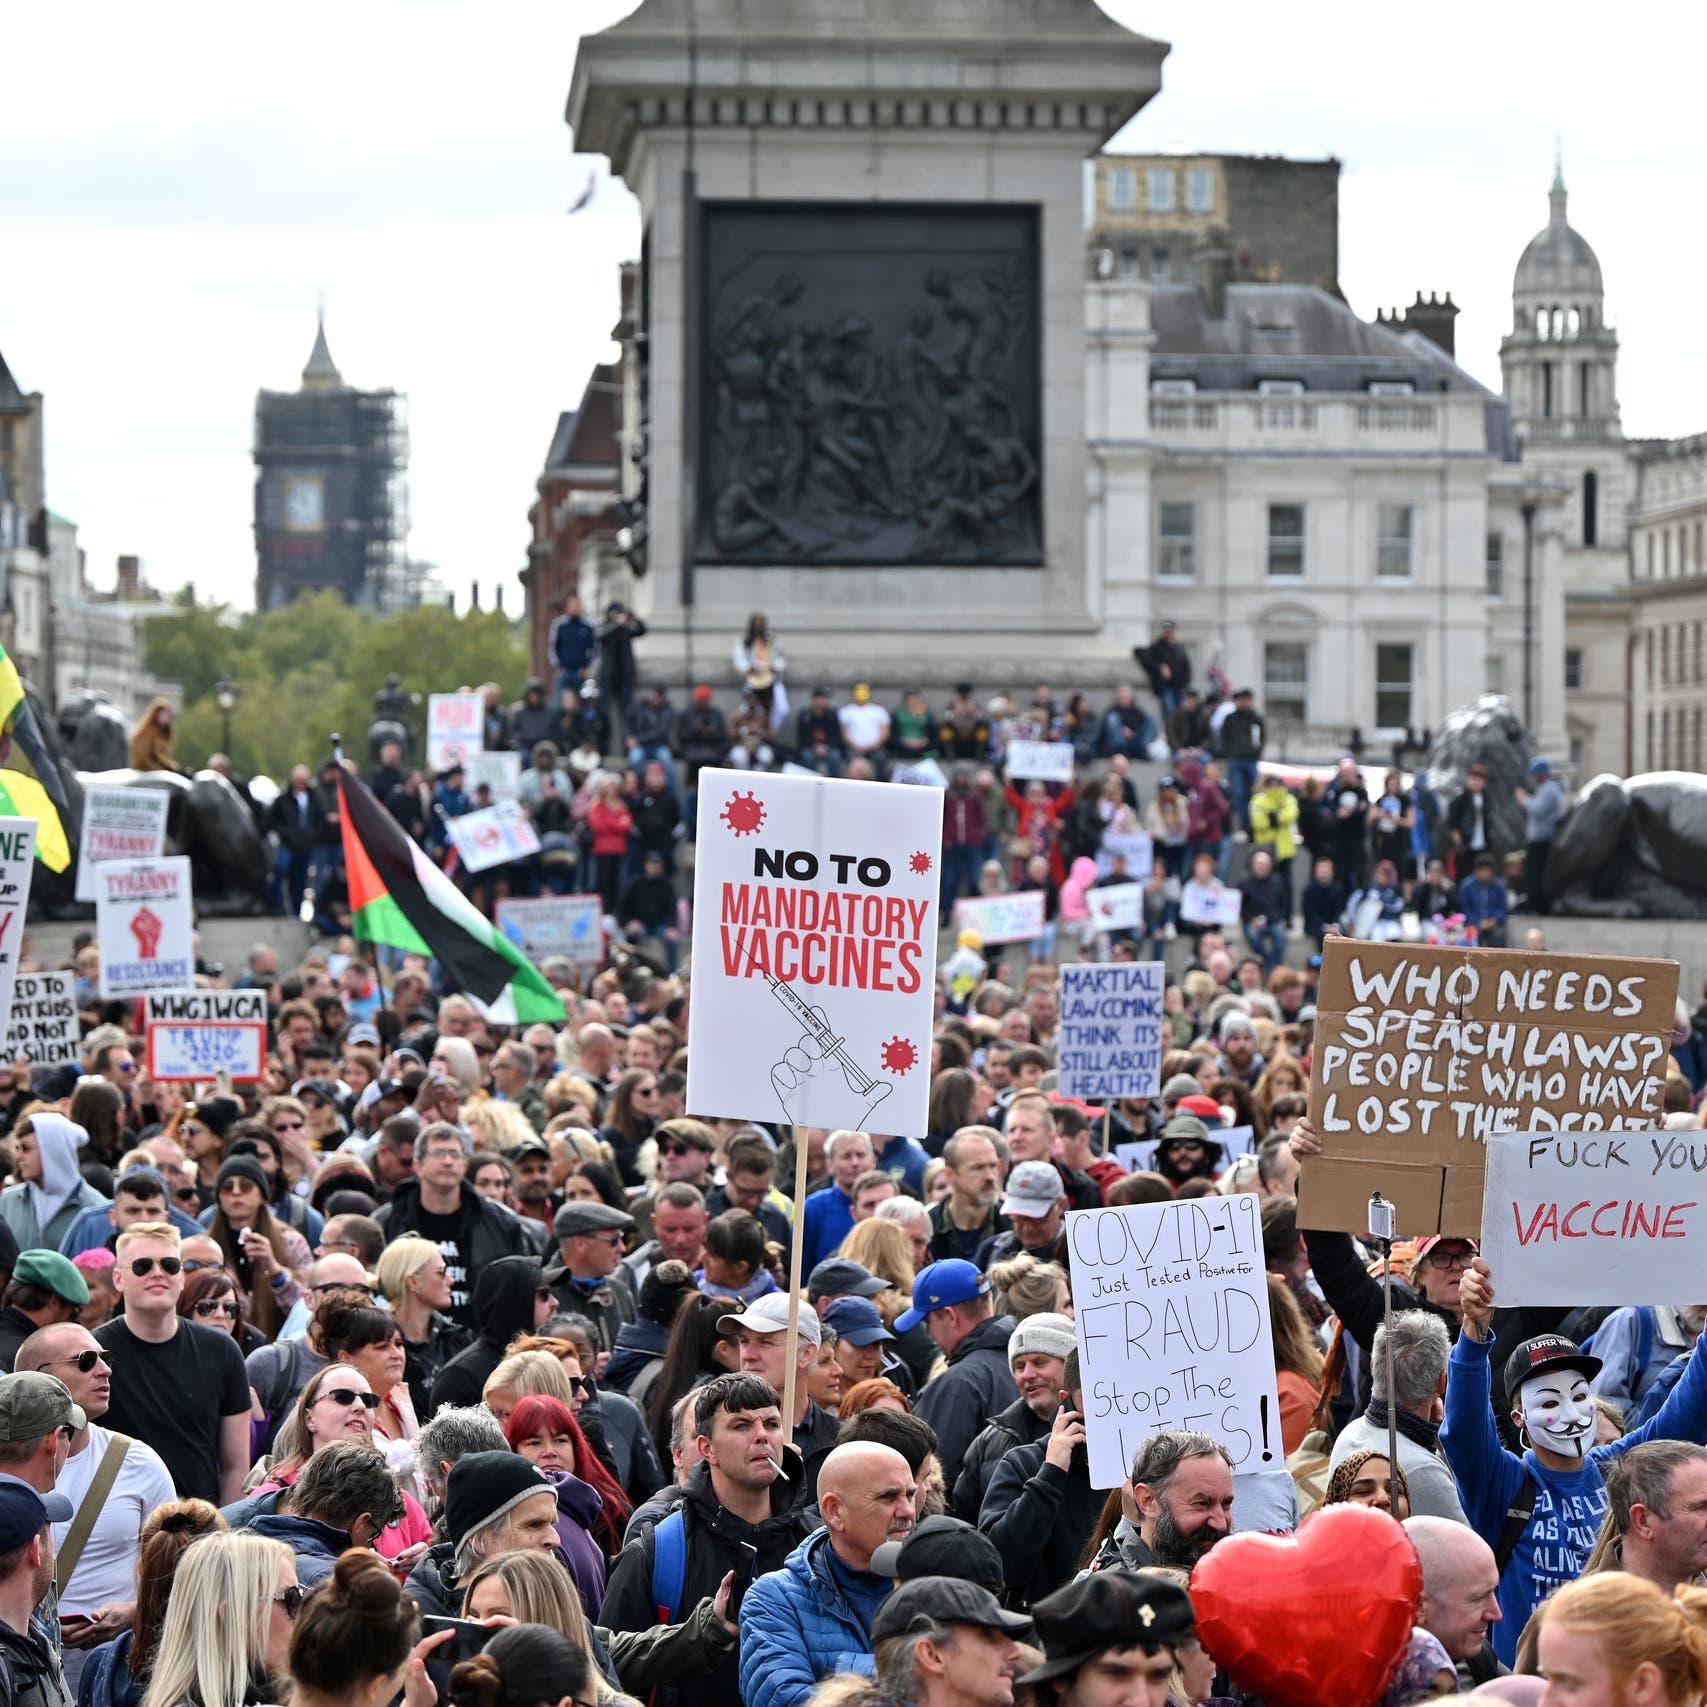 الآلاف يحتجون على قيود كوفيد-19 في وسط لندن